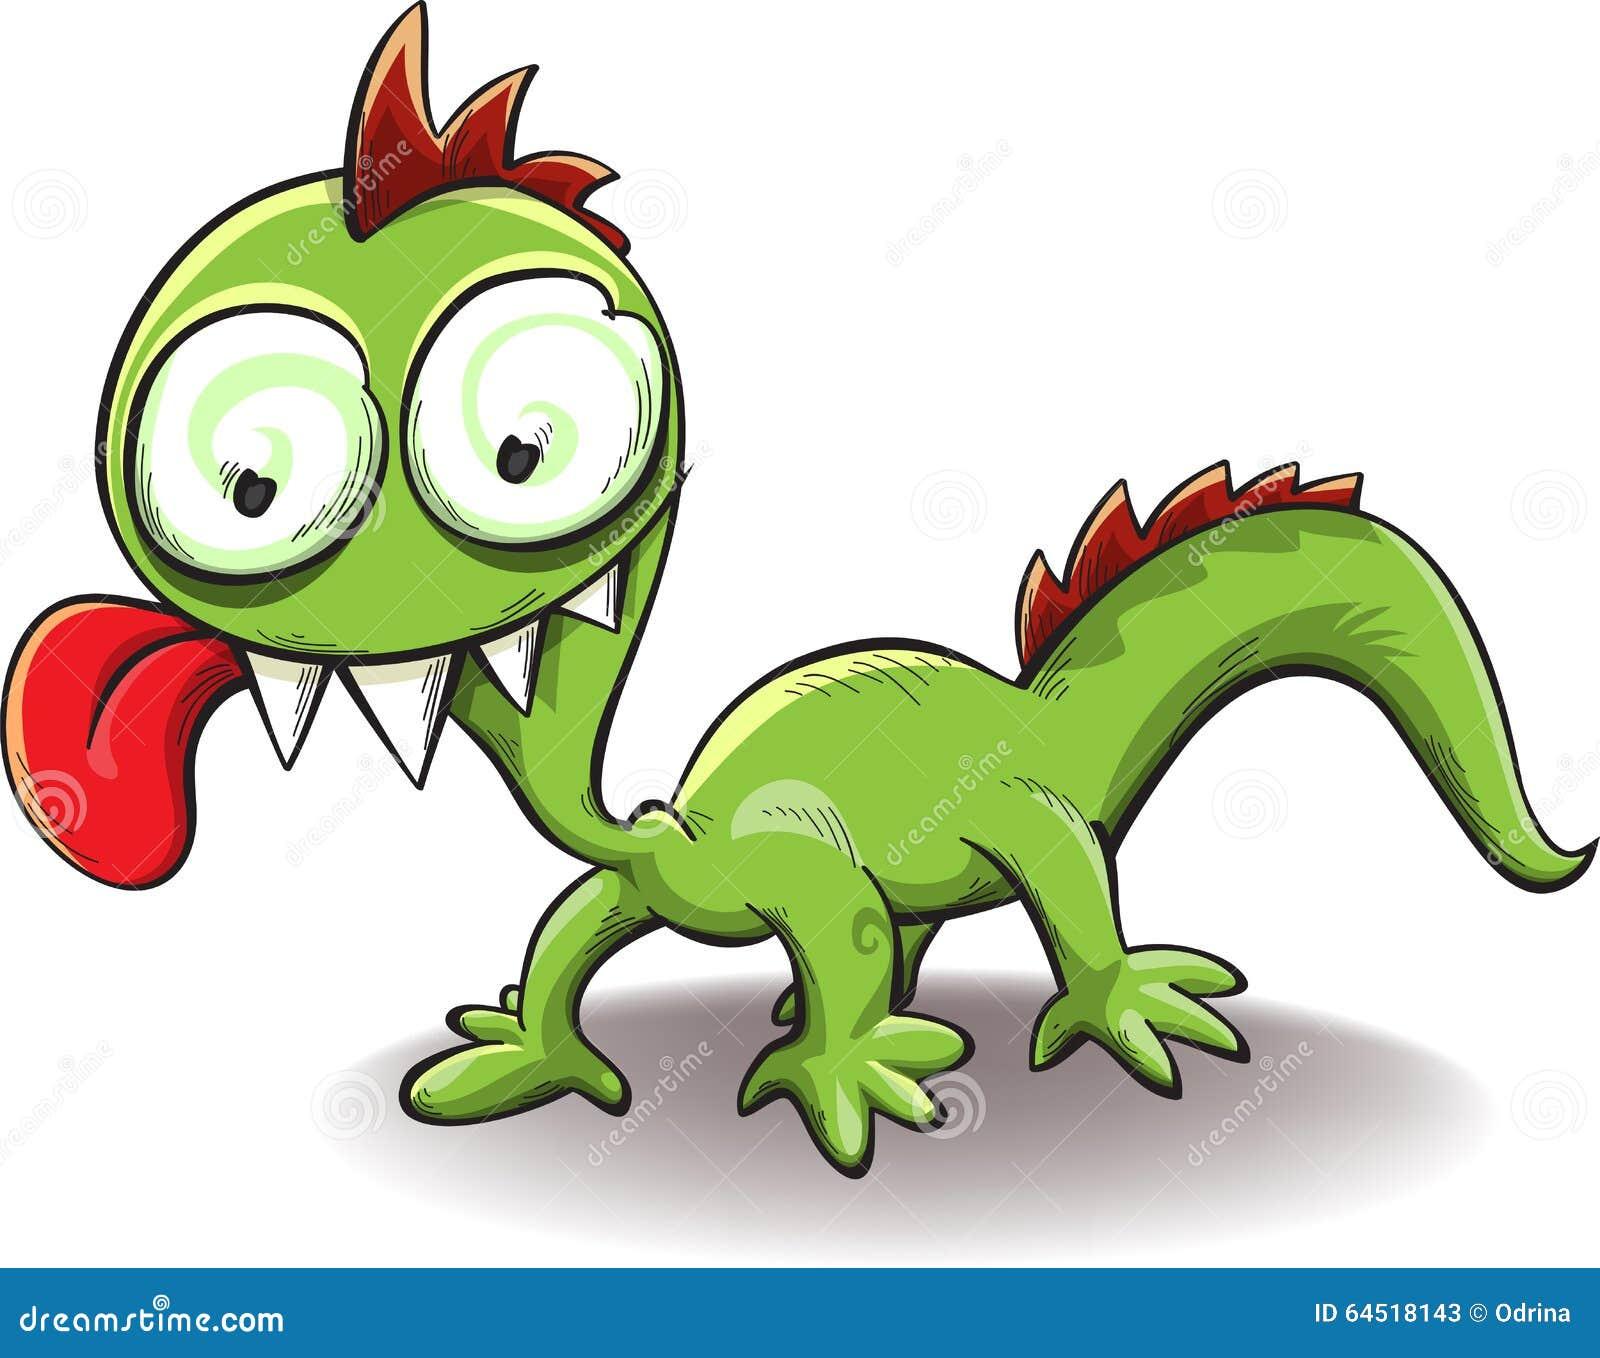 Tong Dies: Komische Draak Met Tong Die Uit Hangen Vector Illustratie